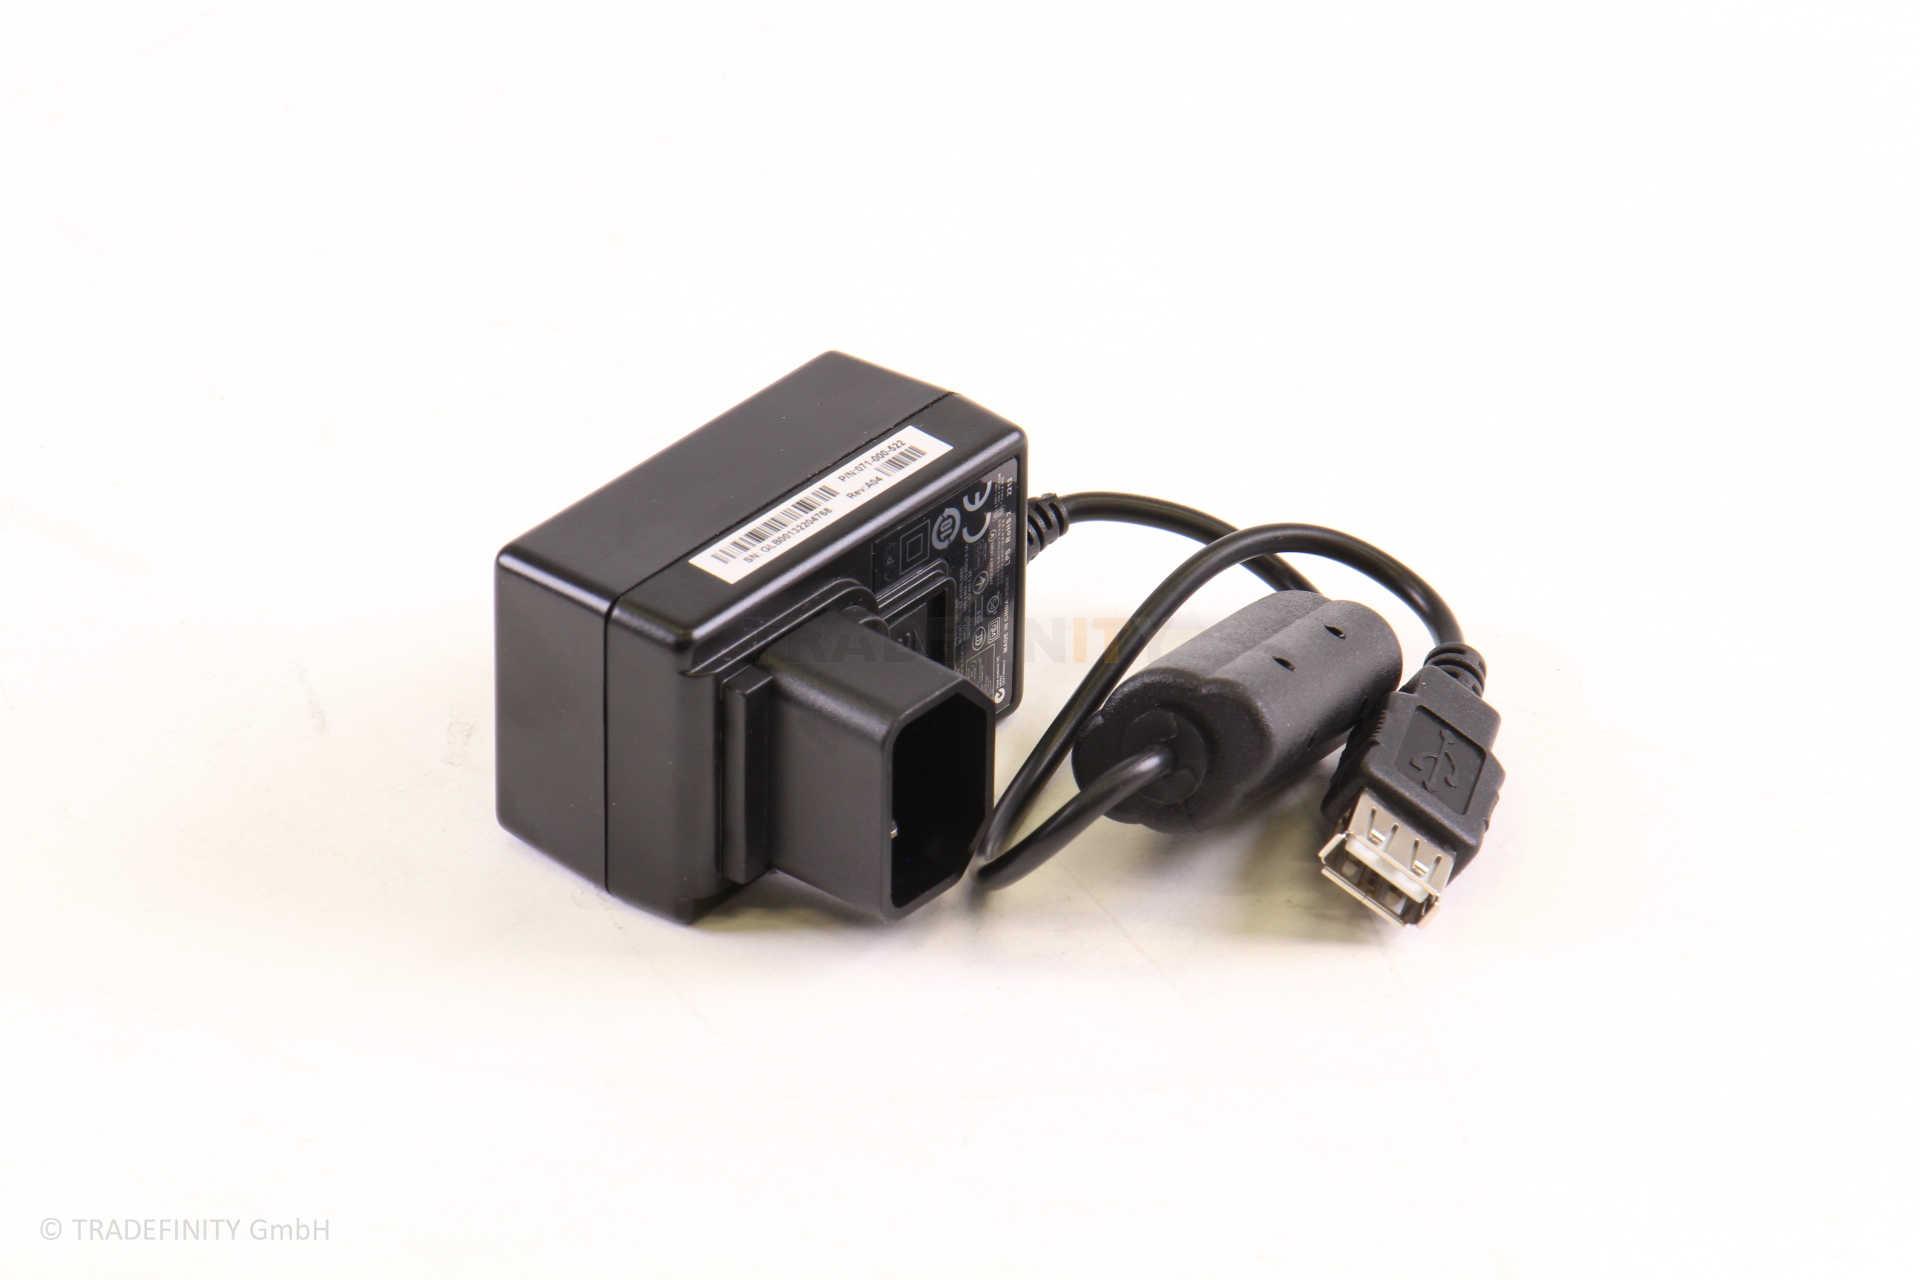 6W Power Supply to USB